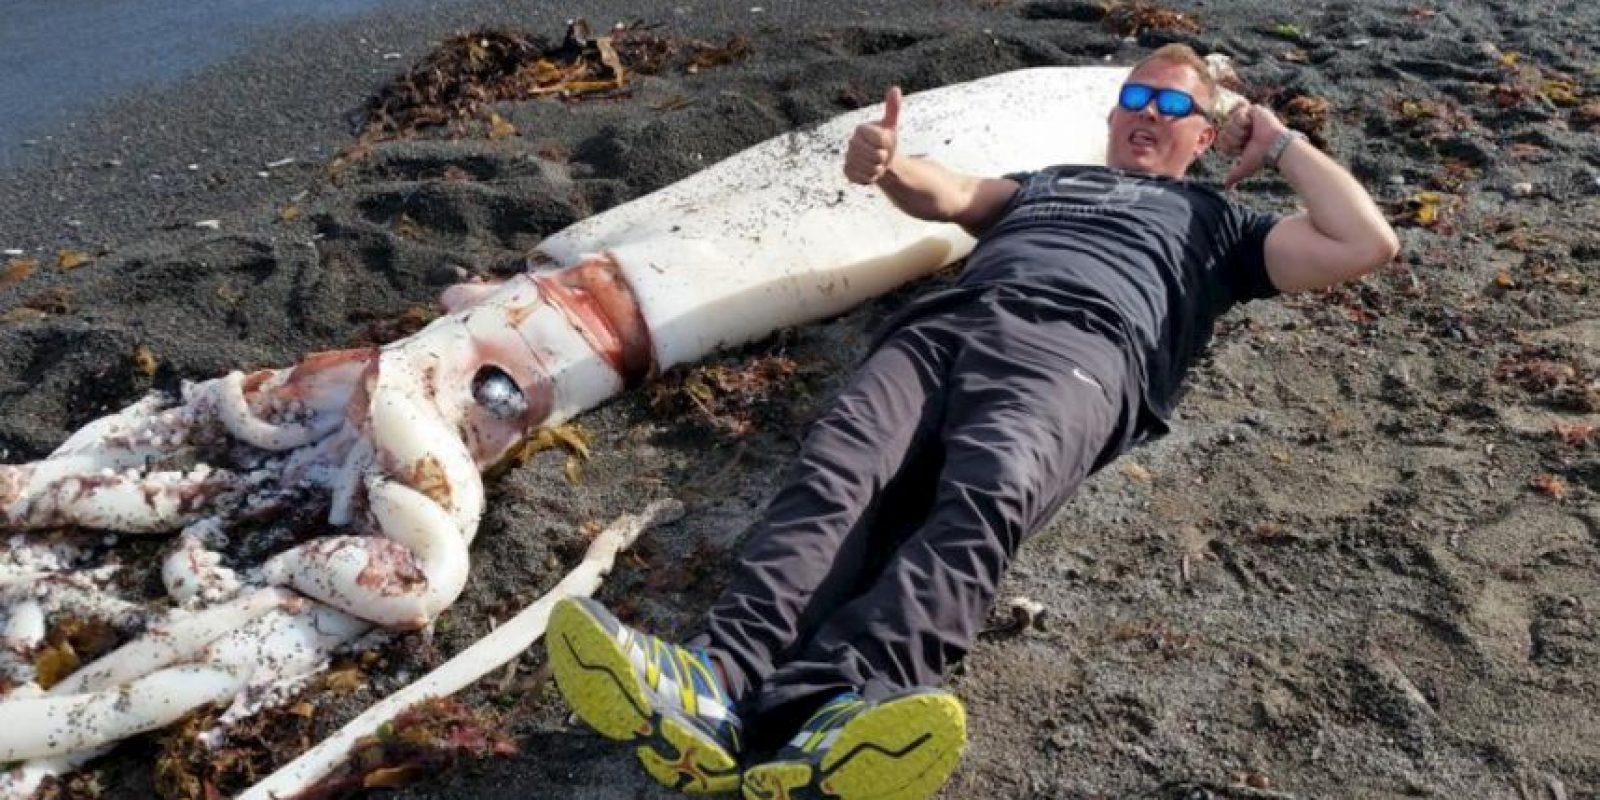 Descubren un calamar gigante en las playas de Nueva Zelanda. Foto:Vía facebook.com/kkmarineaquarium